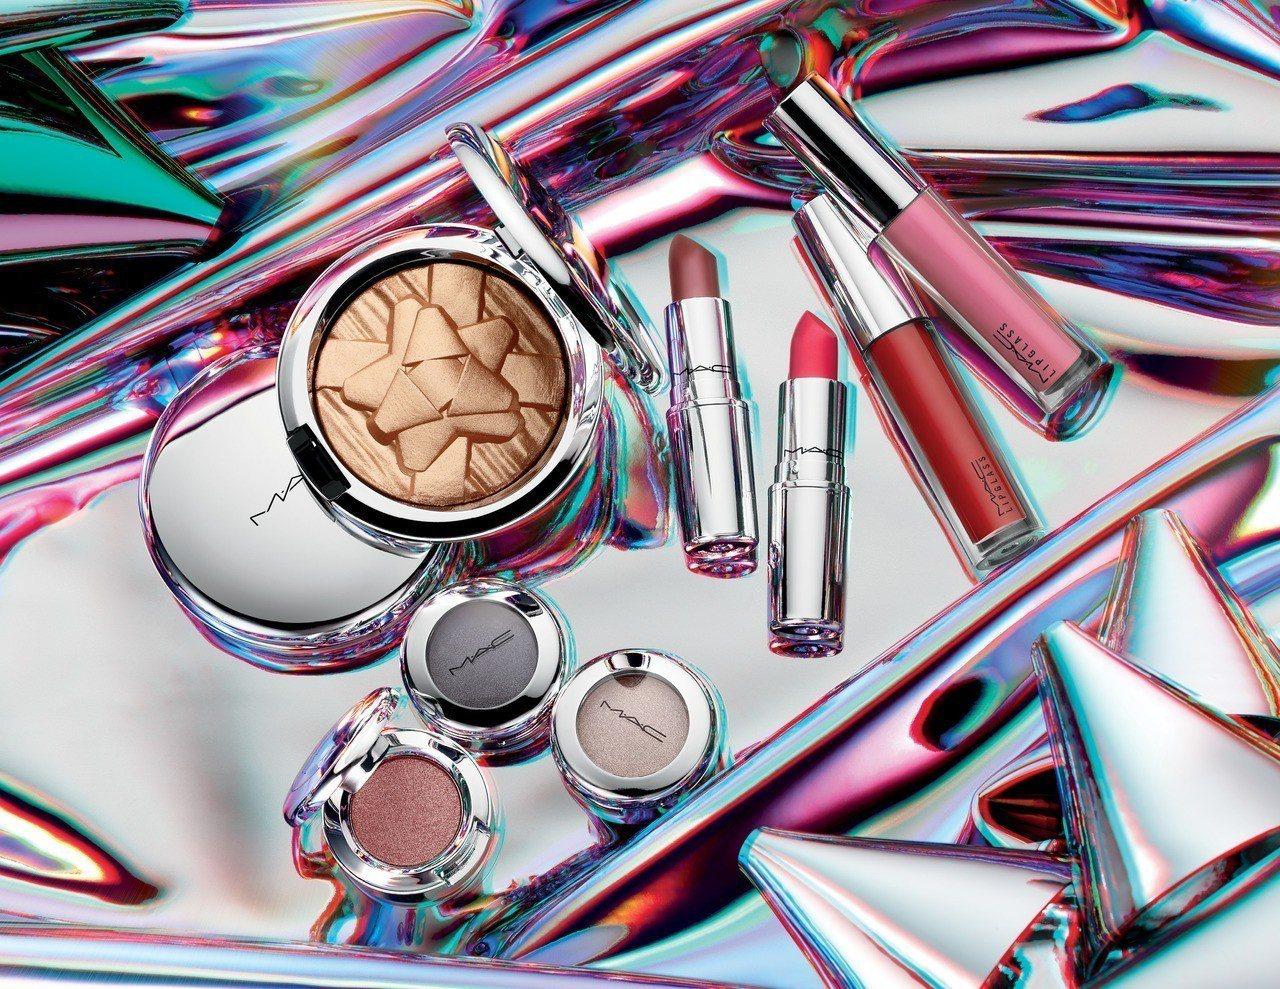 M·A·C耶誕彩妝閃閃派對系列,充滿閃亮元素。圖/M·A·C提供